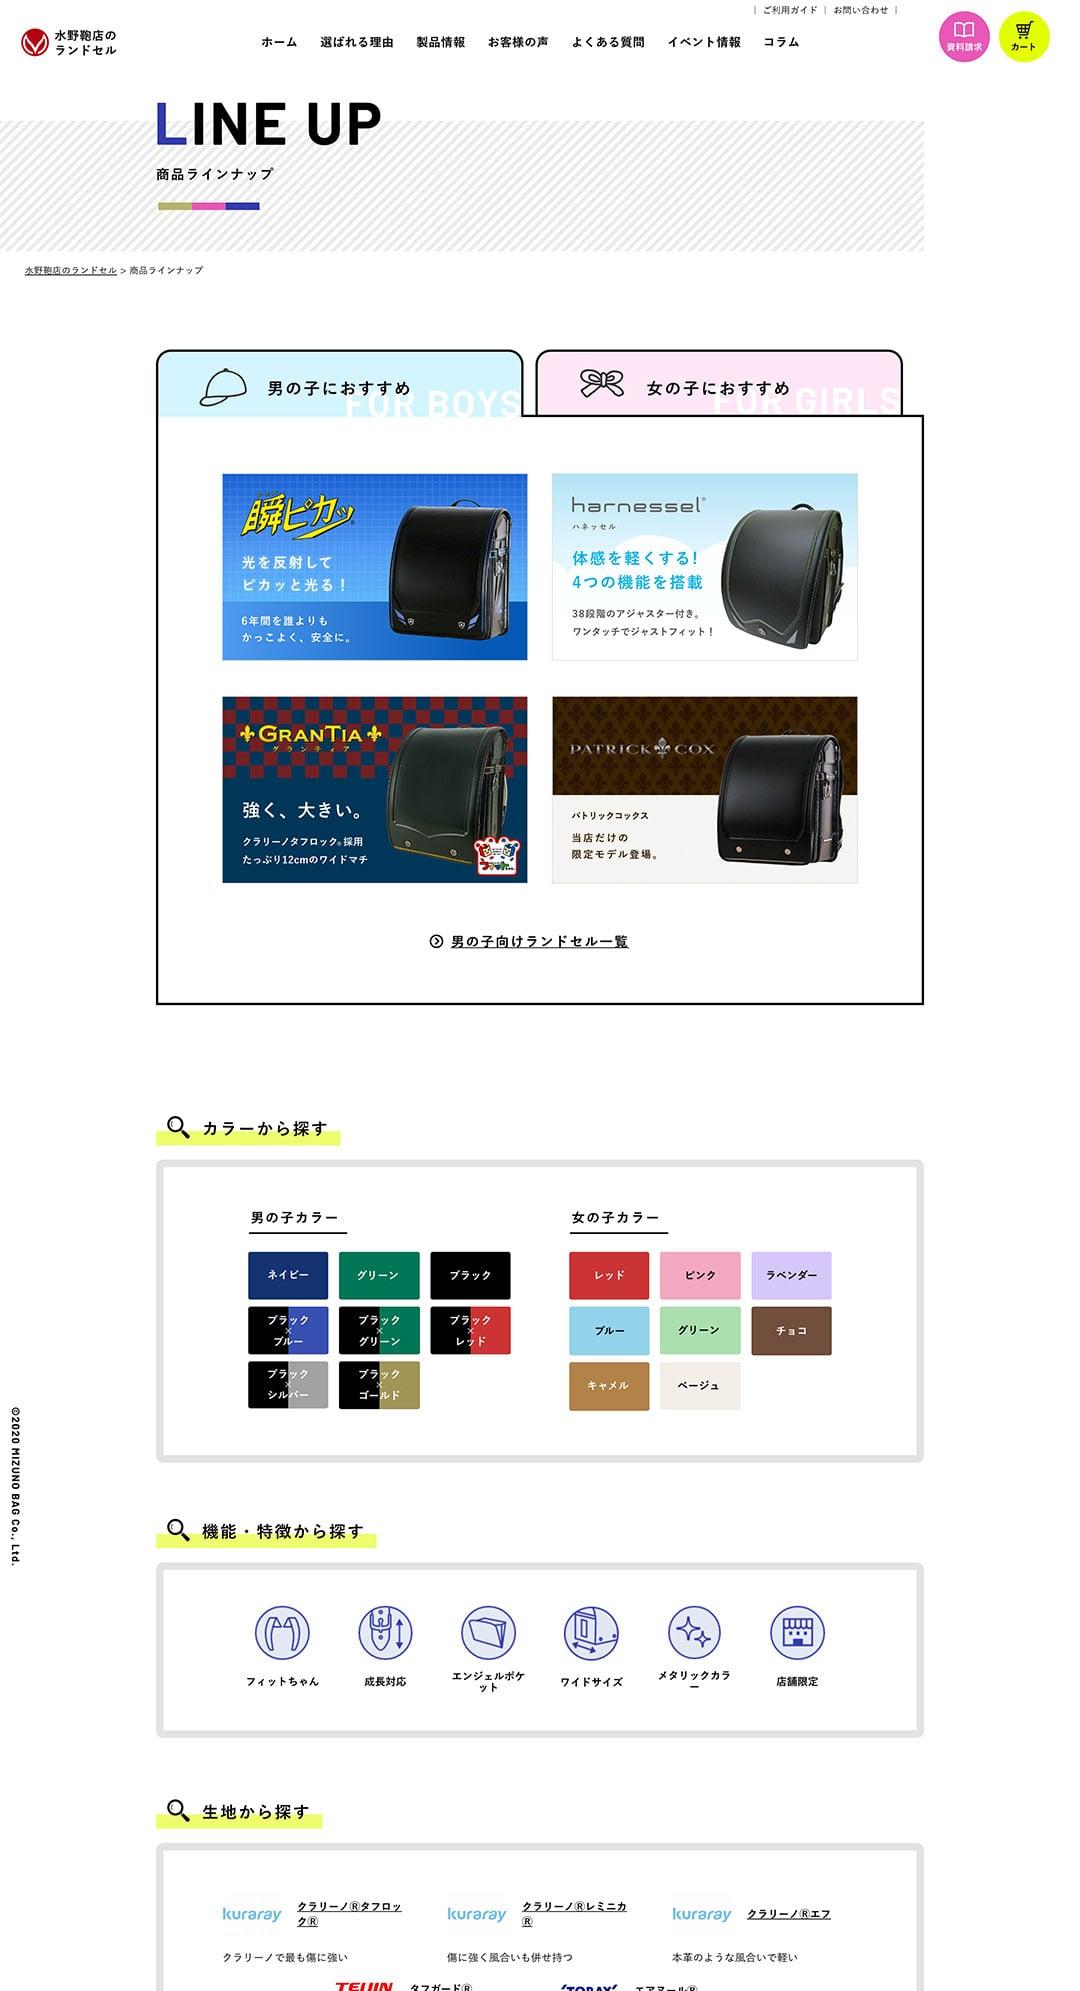 製品情報 製品検索ページ